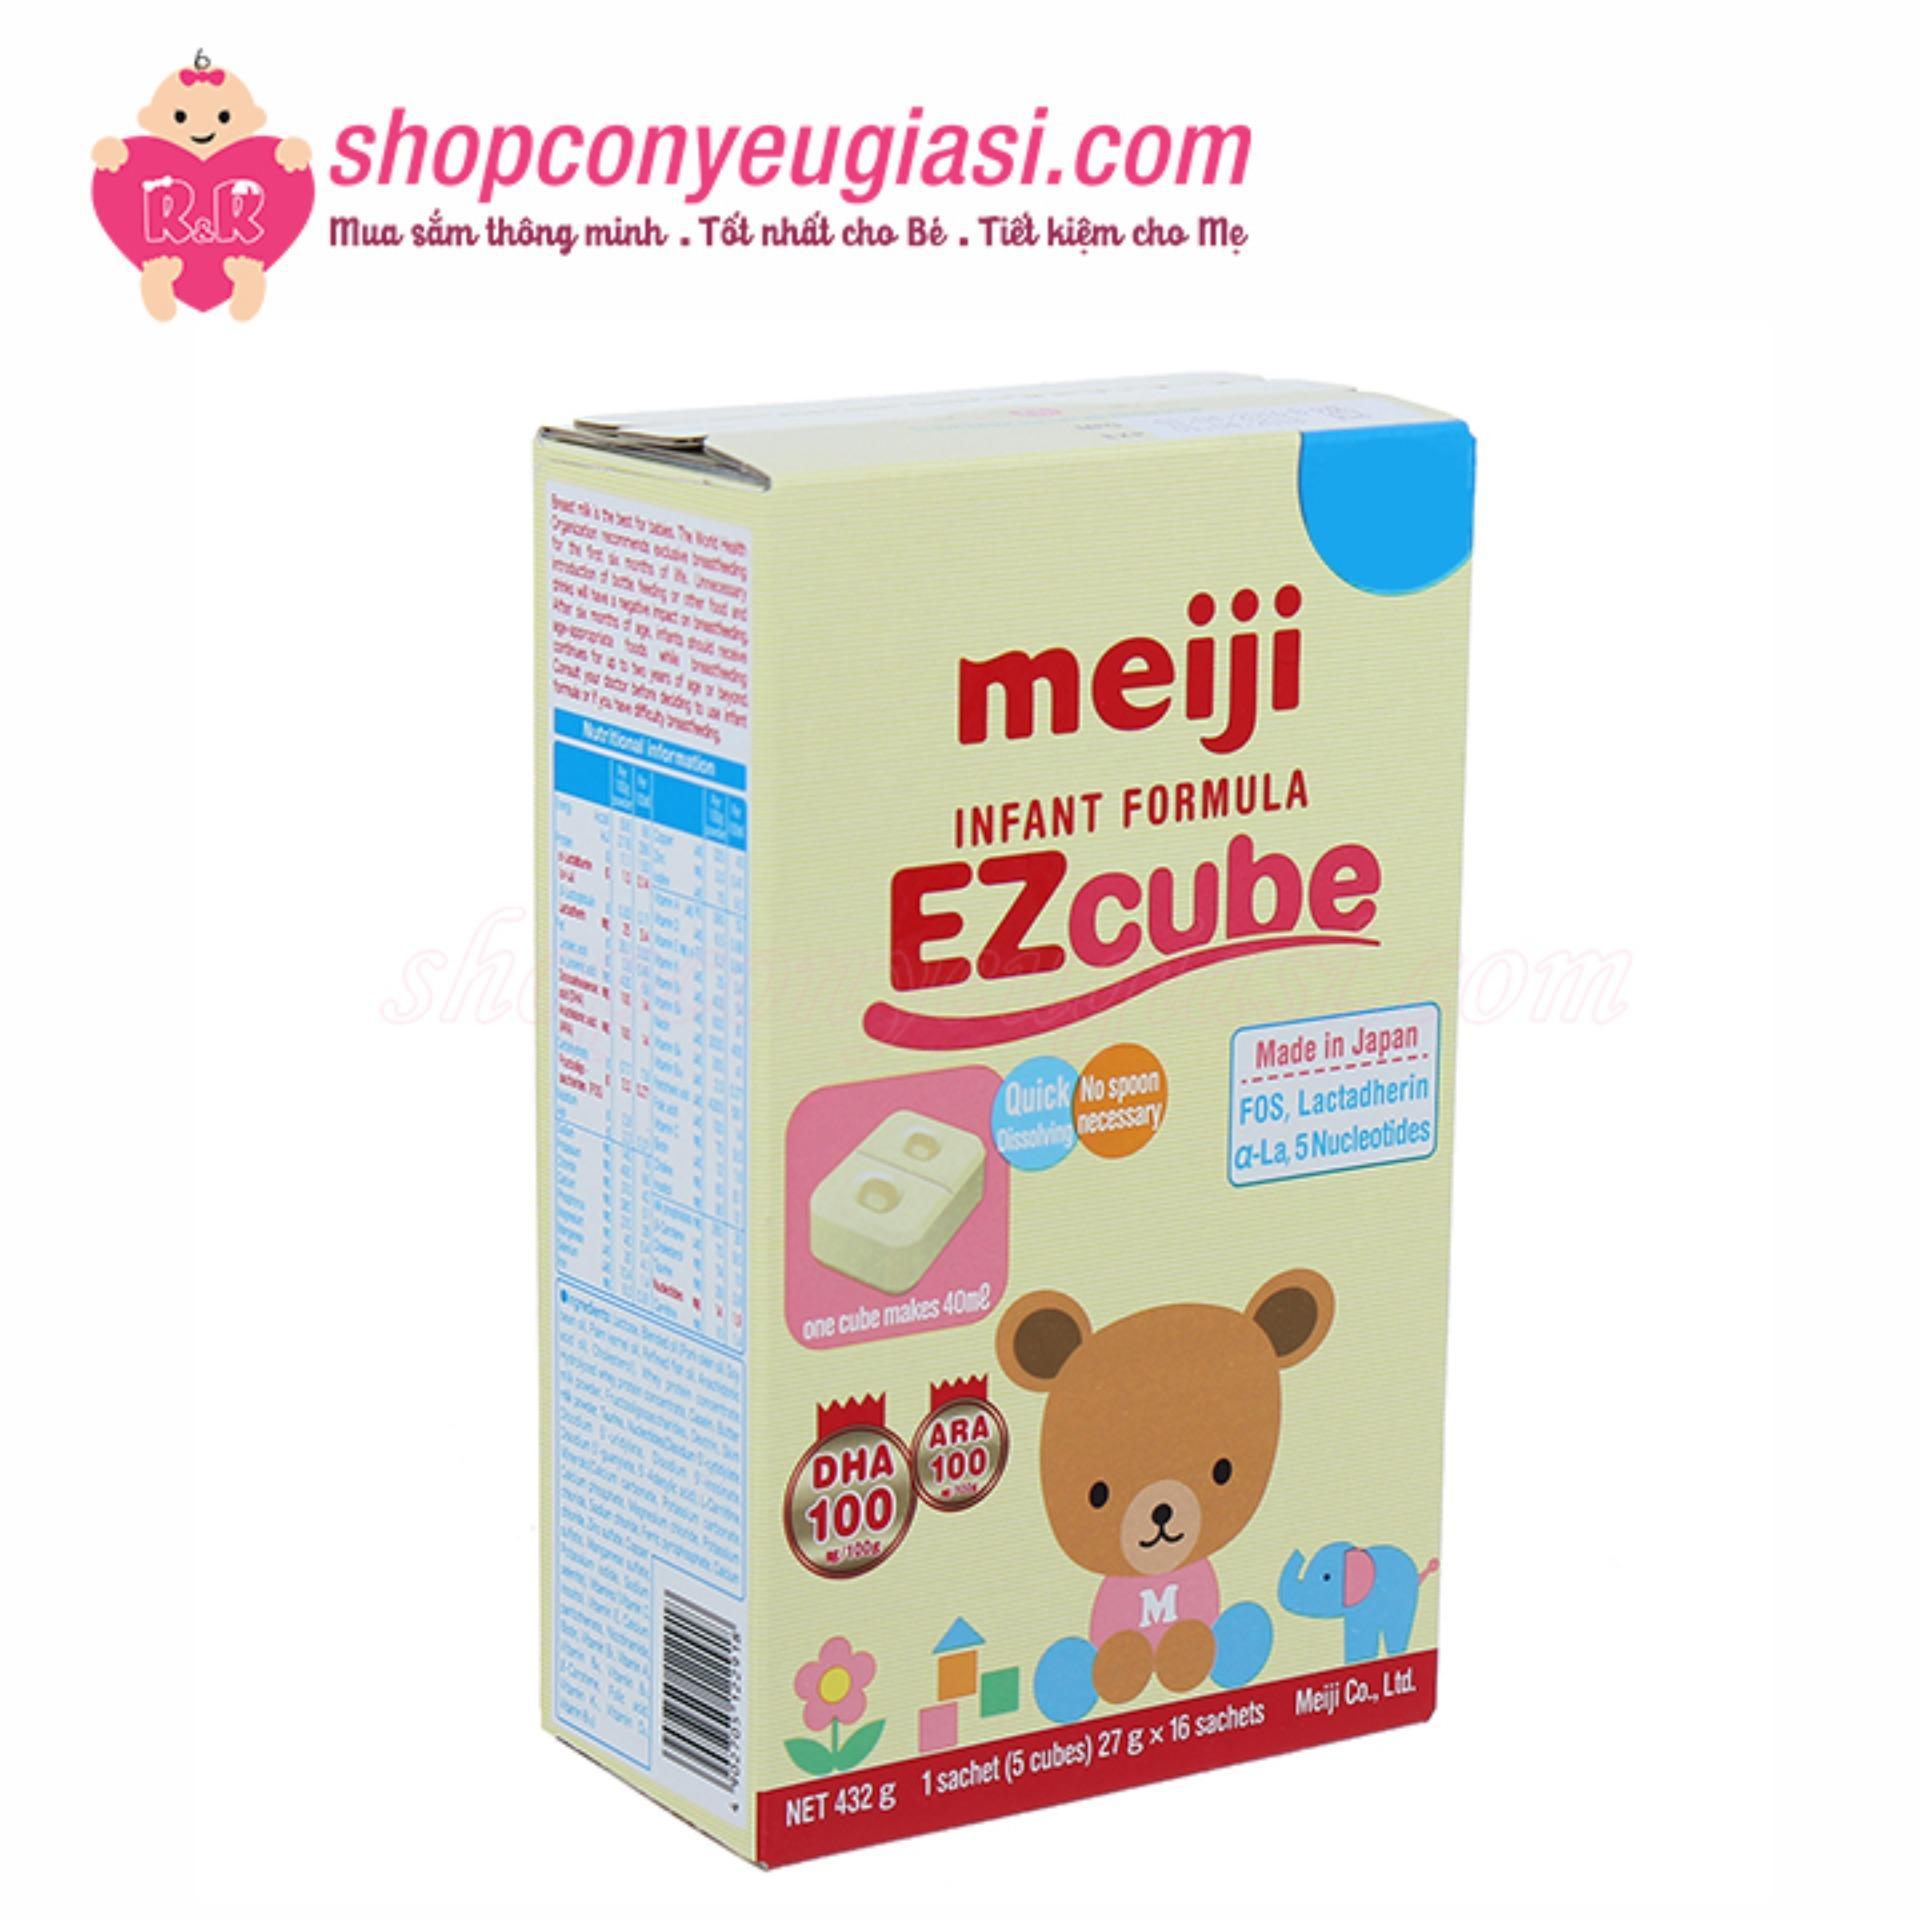 Sữa Meiji Số 0 Dạng Thanh Nhật Bản 432g -...